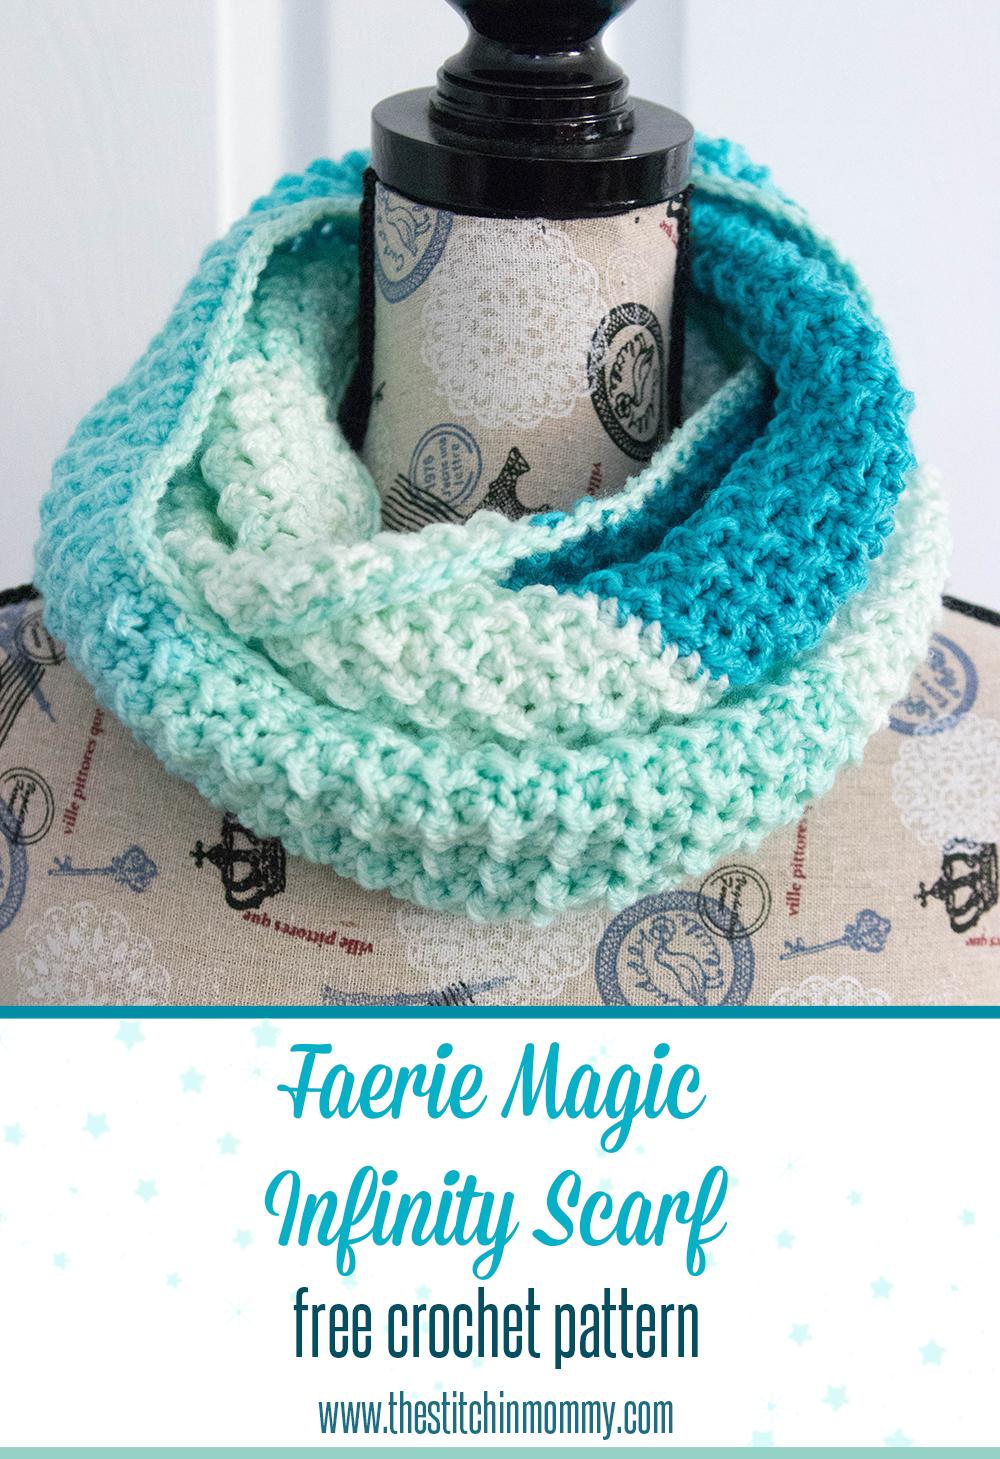 Faerie Magic Infinity Scarf Free Crochet Pattern Free Crochet